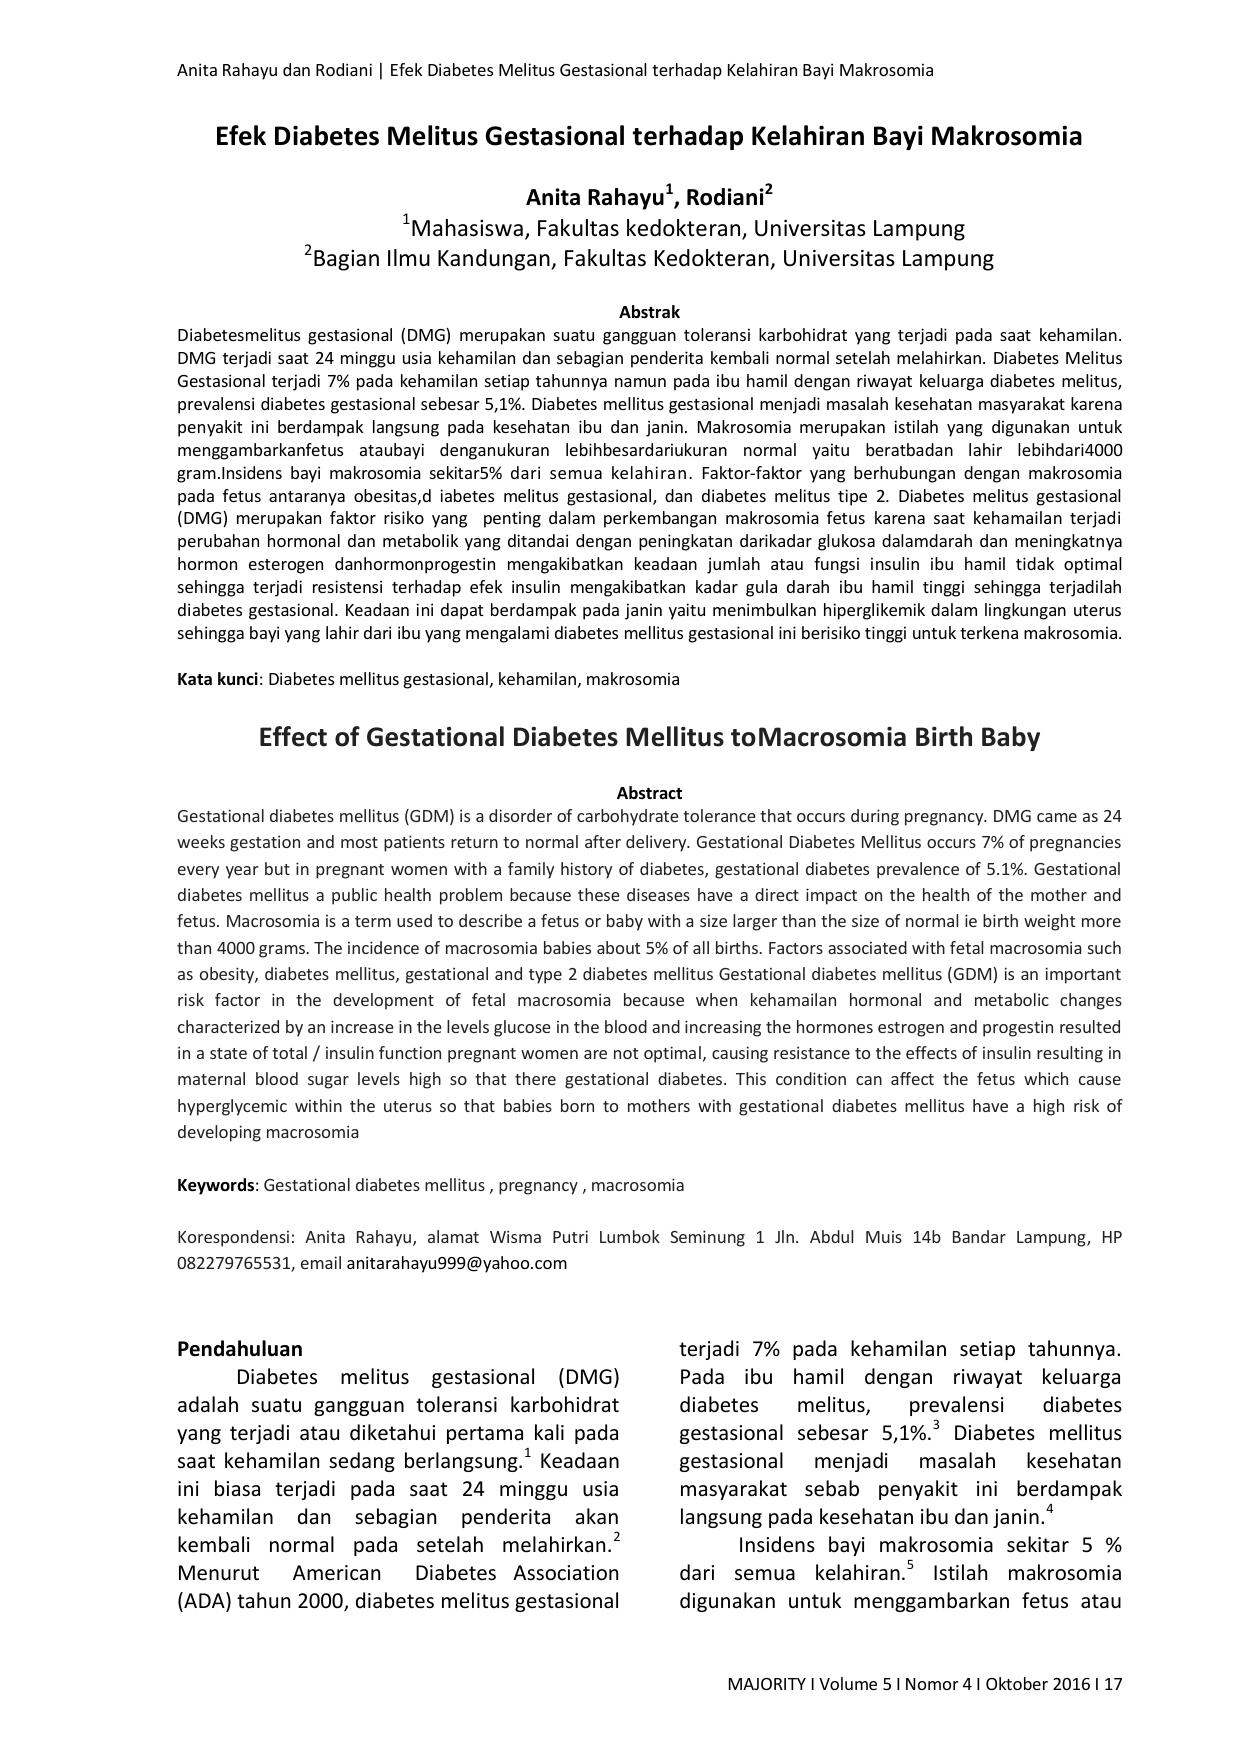 prevalensi diabetes gestational di indonesia tidak